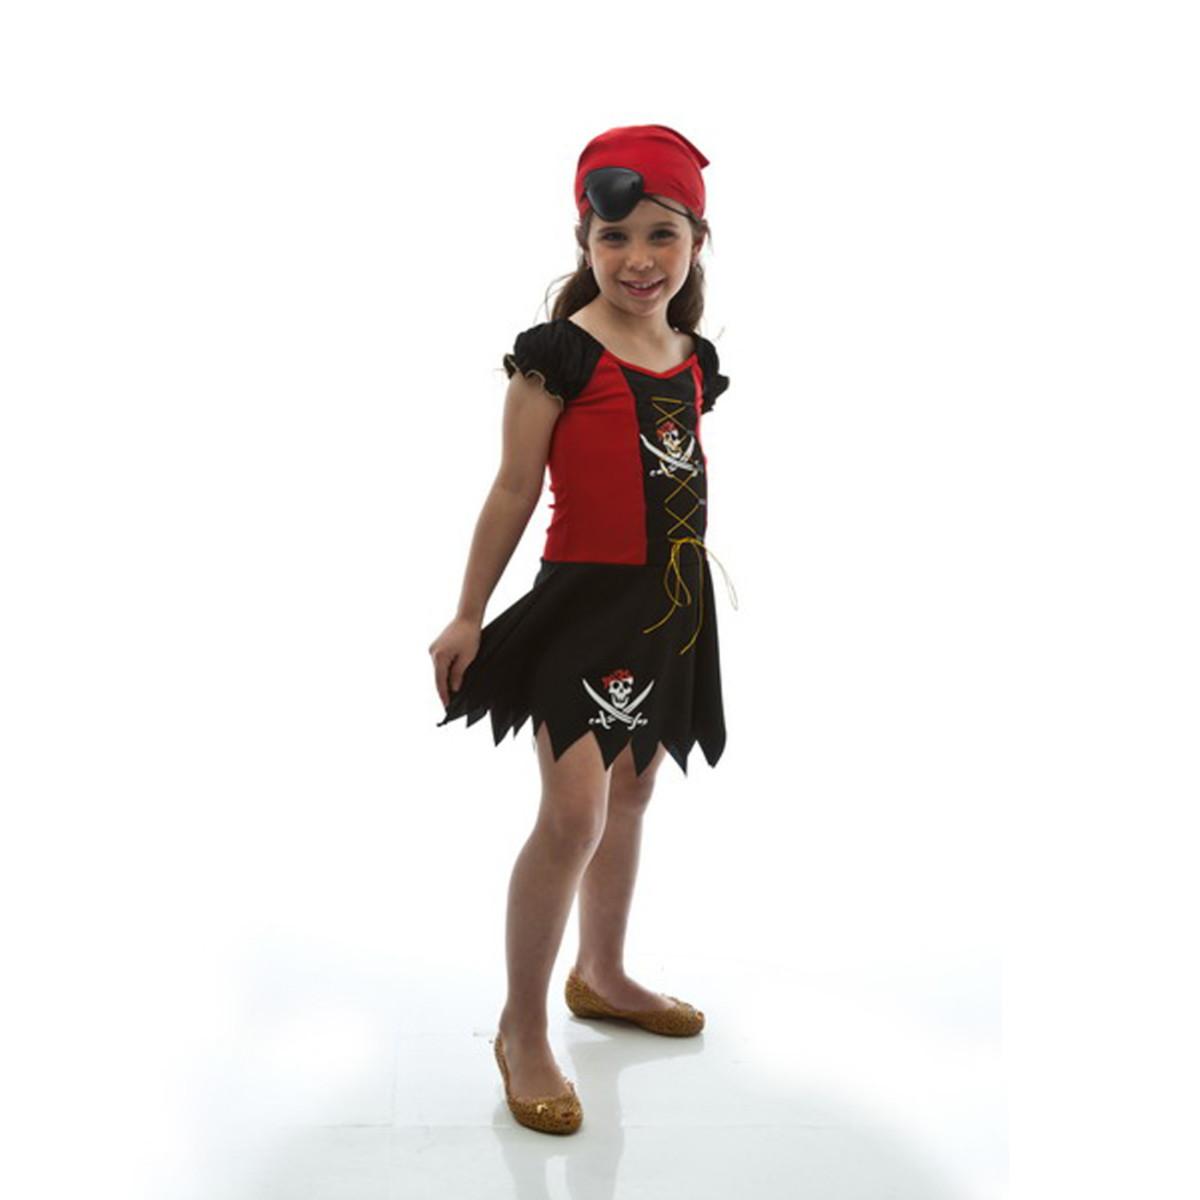 Fantasia Piratinha Infantil Feminino Carnaval no Elo7  975f42346fb